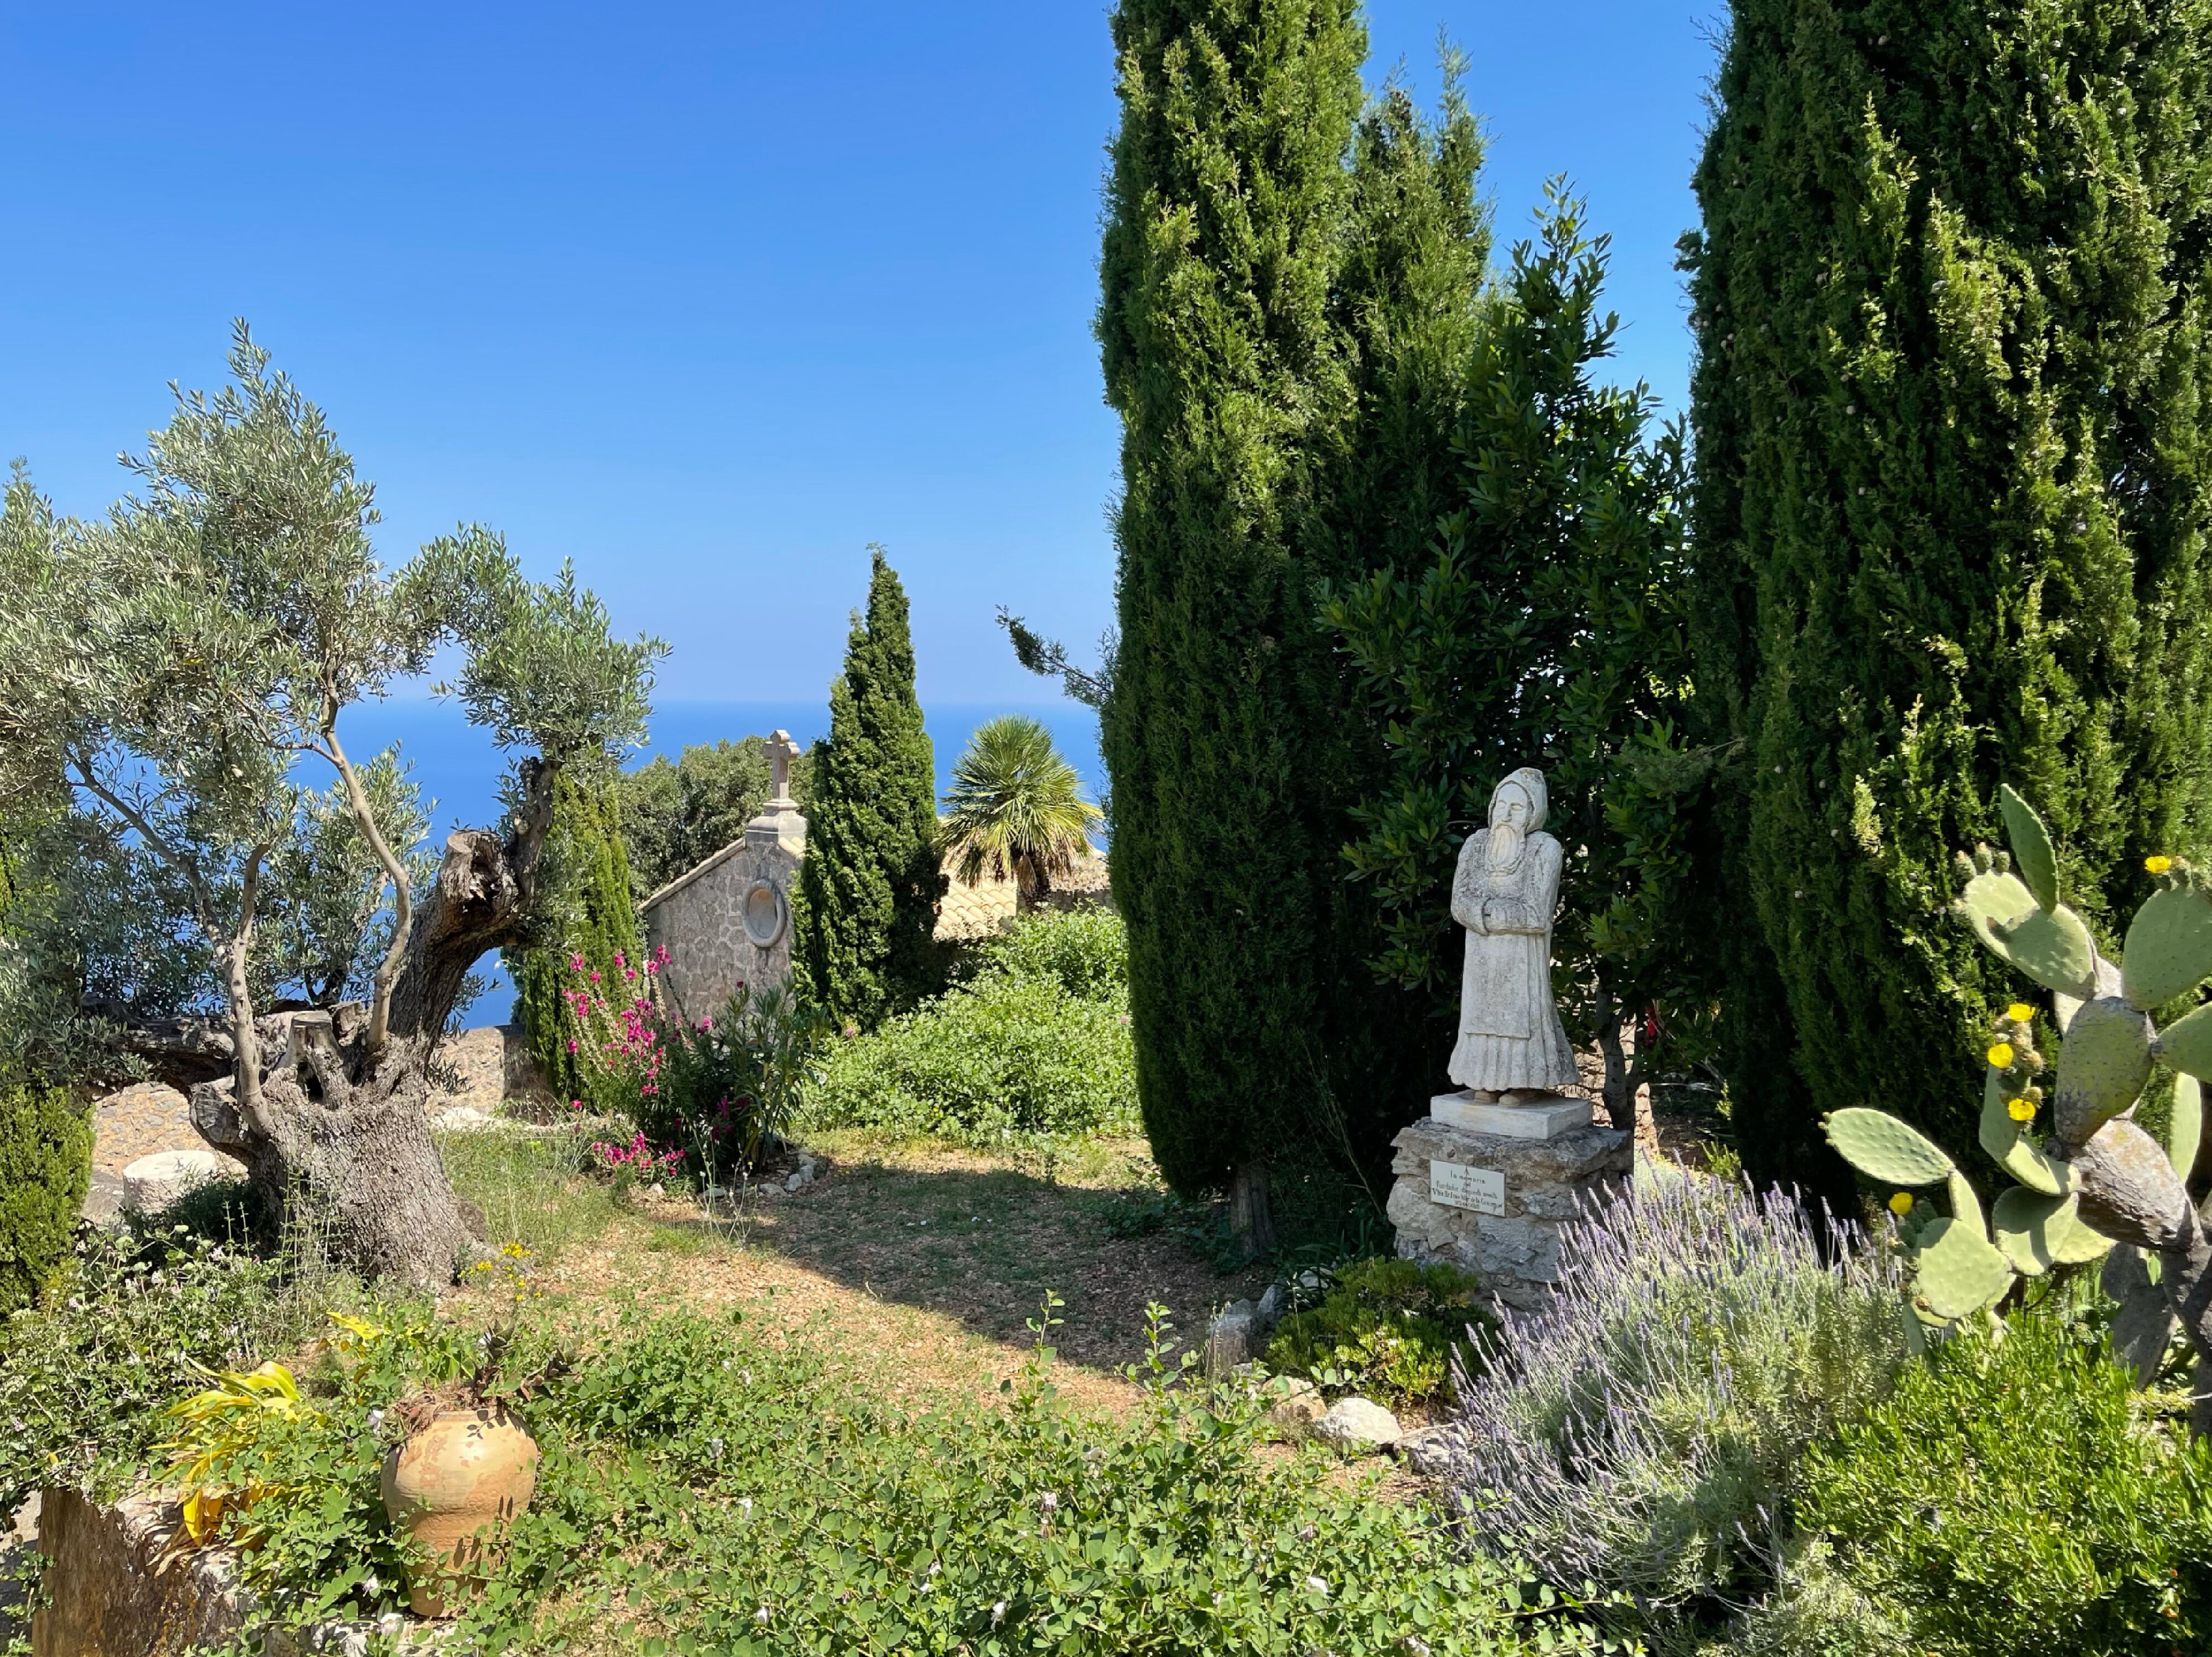 Ermita de la Santissima Trinitat: Stille auch im kleinen Garten